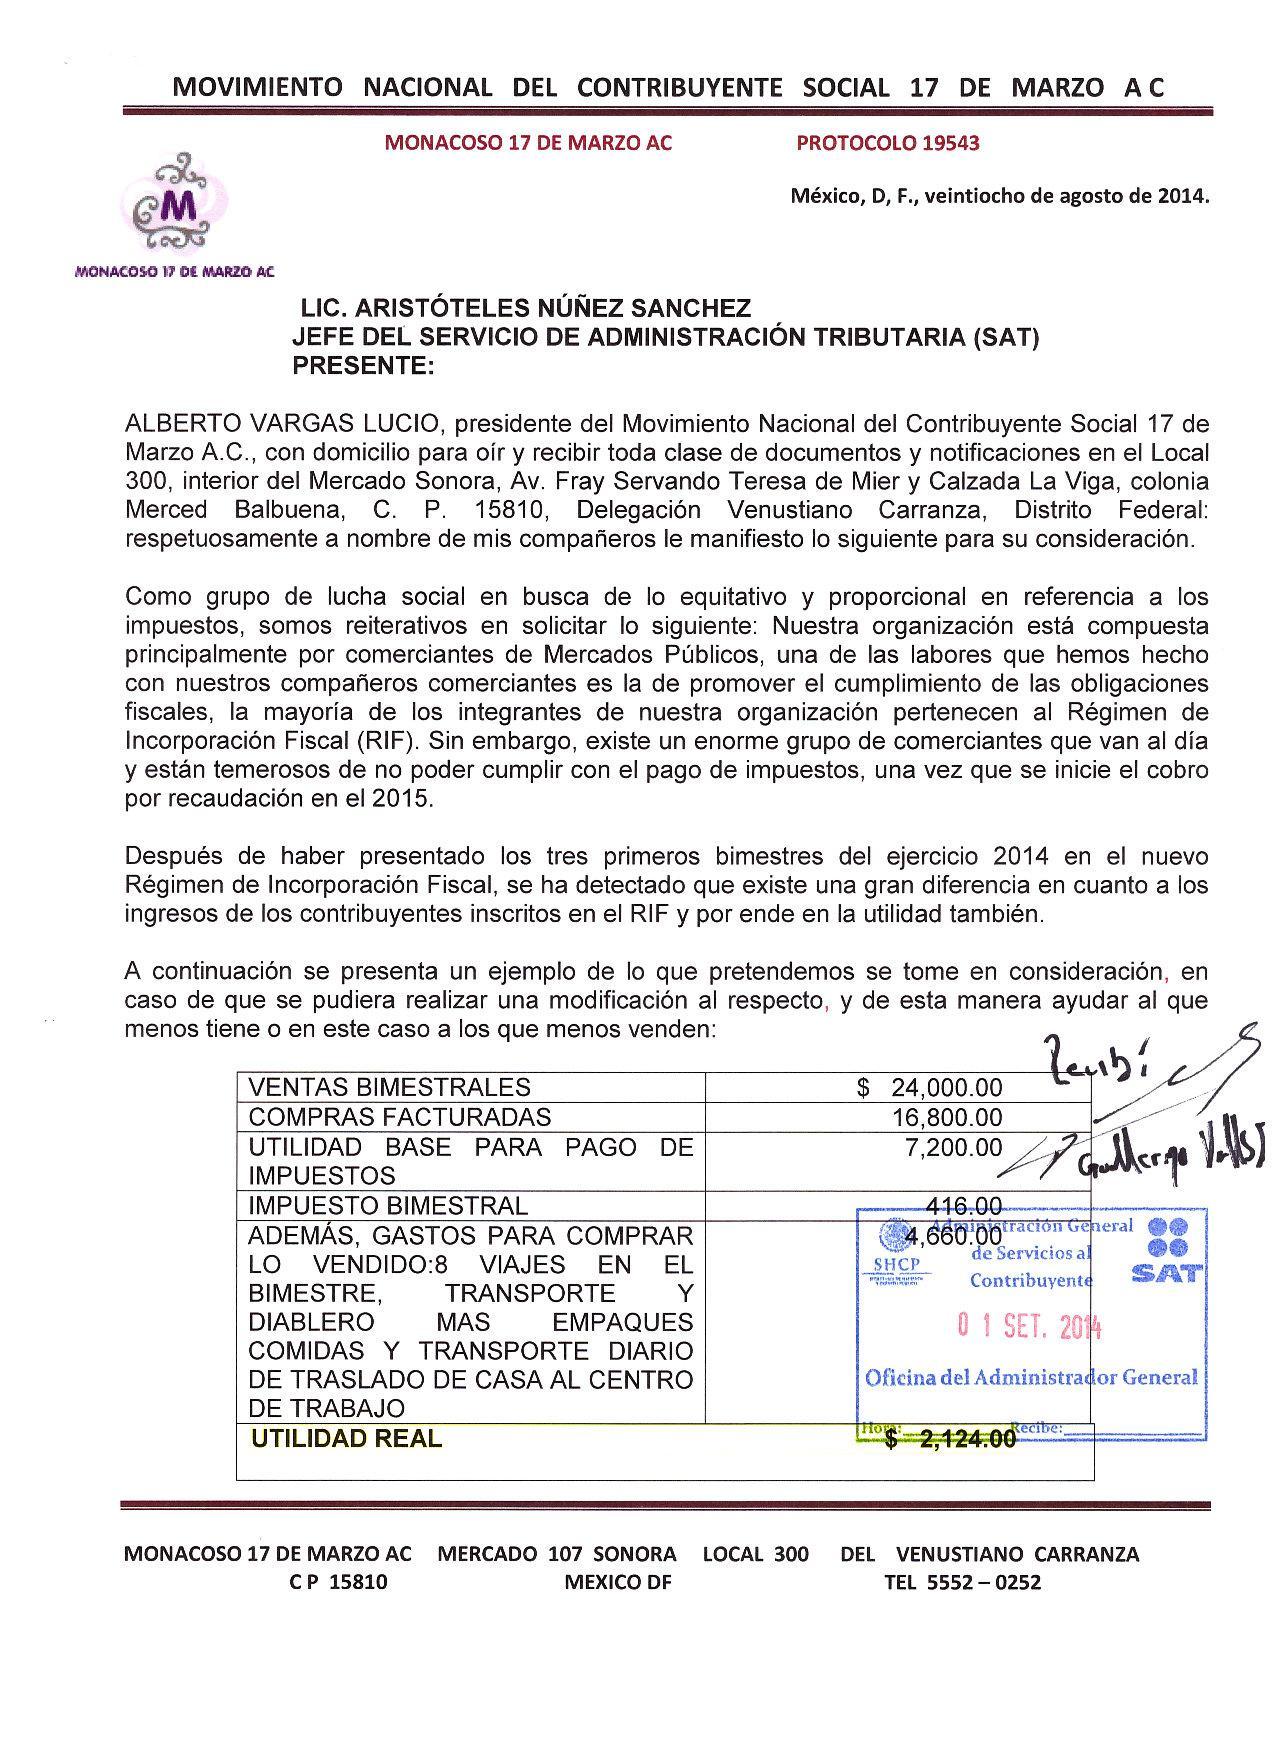 PETICIONES DEL MOVIMIENTO 17 DE MARZO PARA MODIFICAR EL RIF